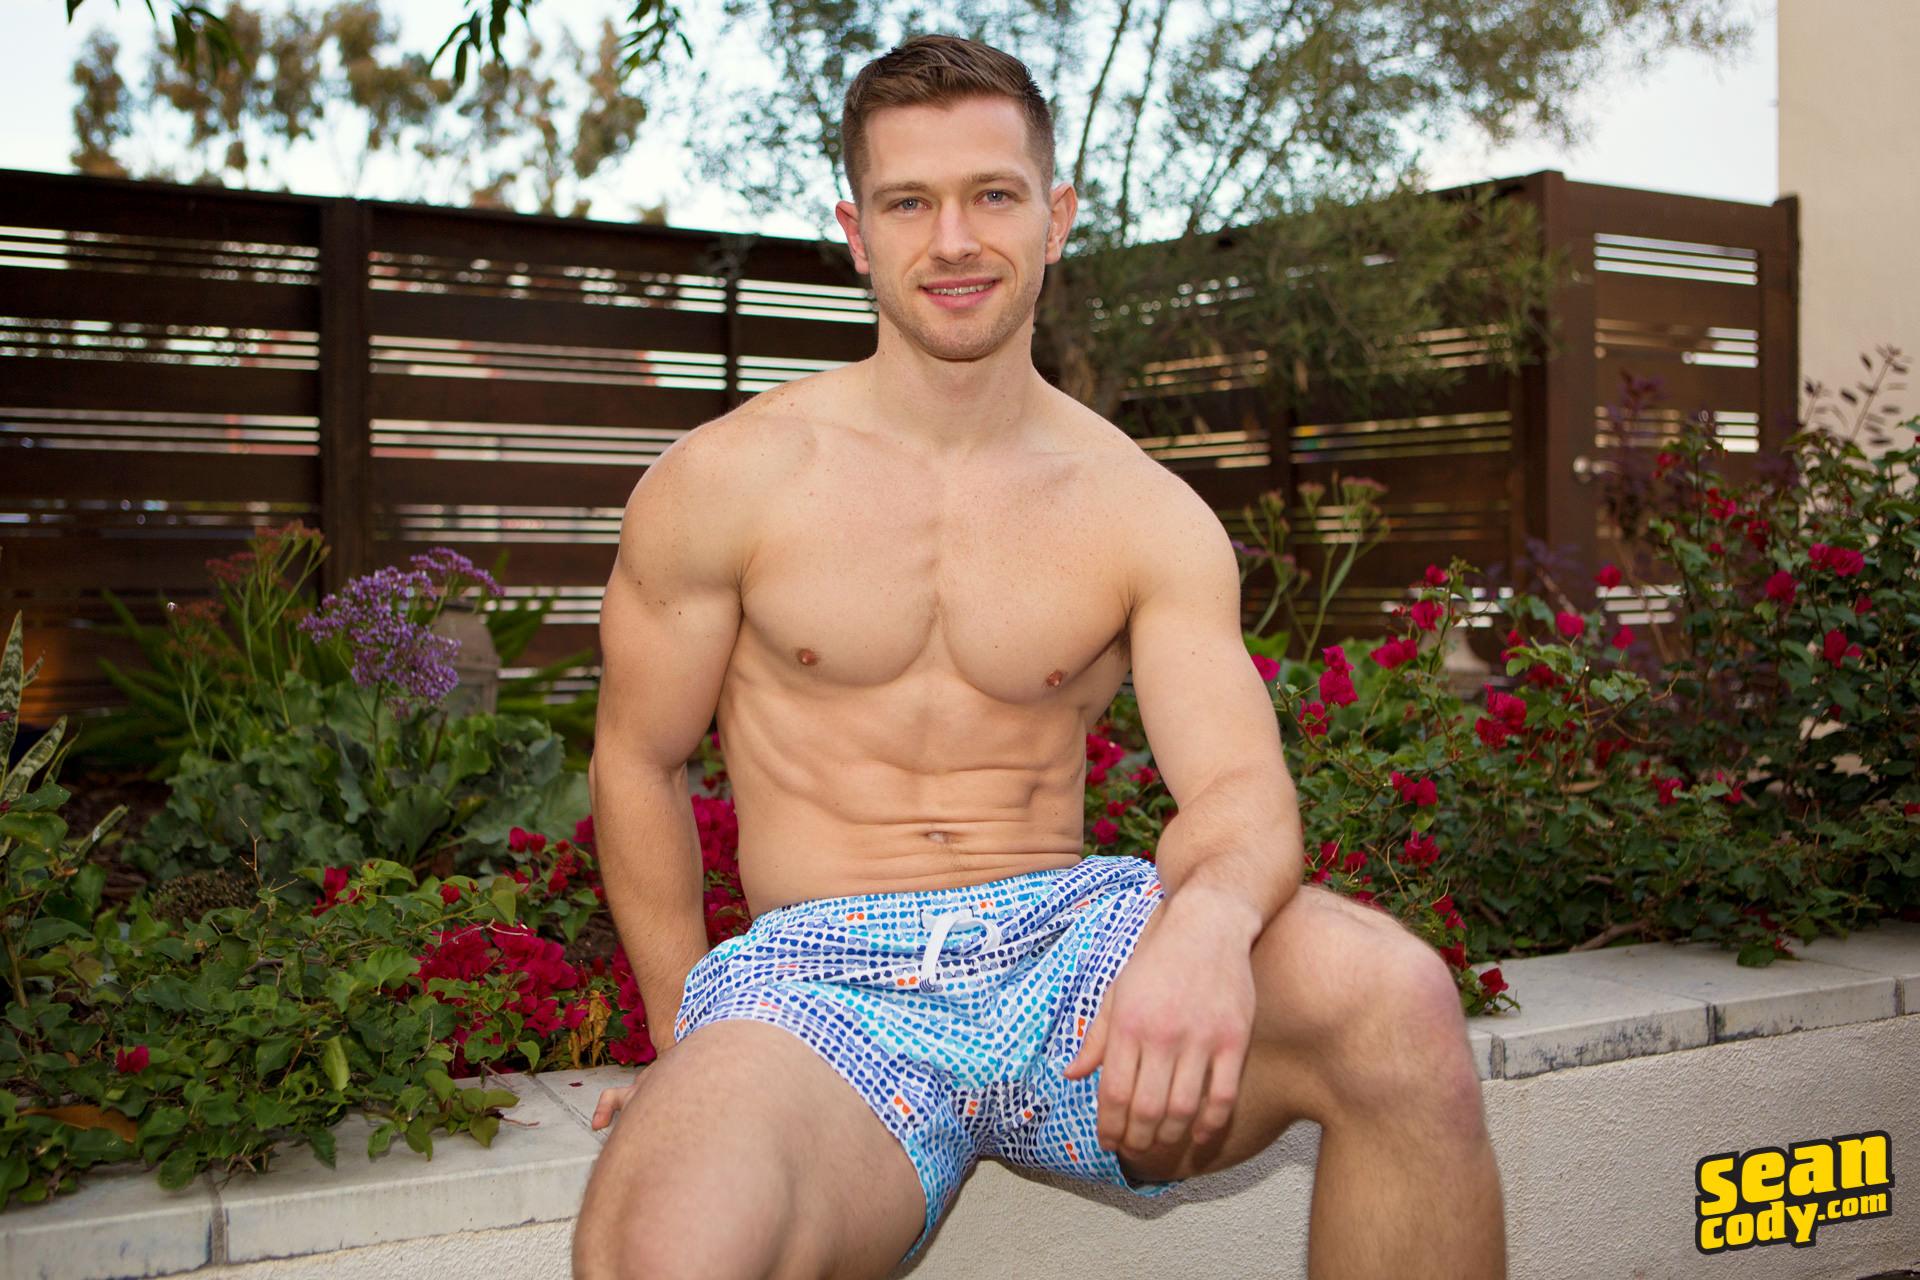 Male legs gay porn photos dolf039s foot 9